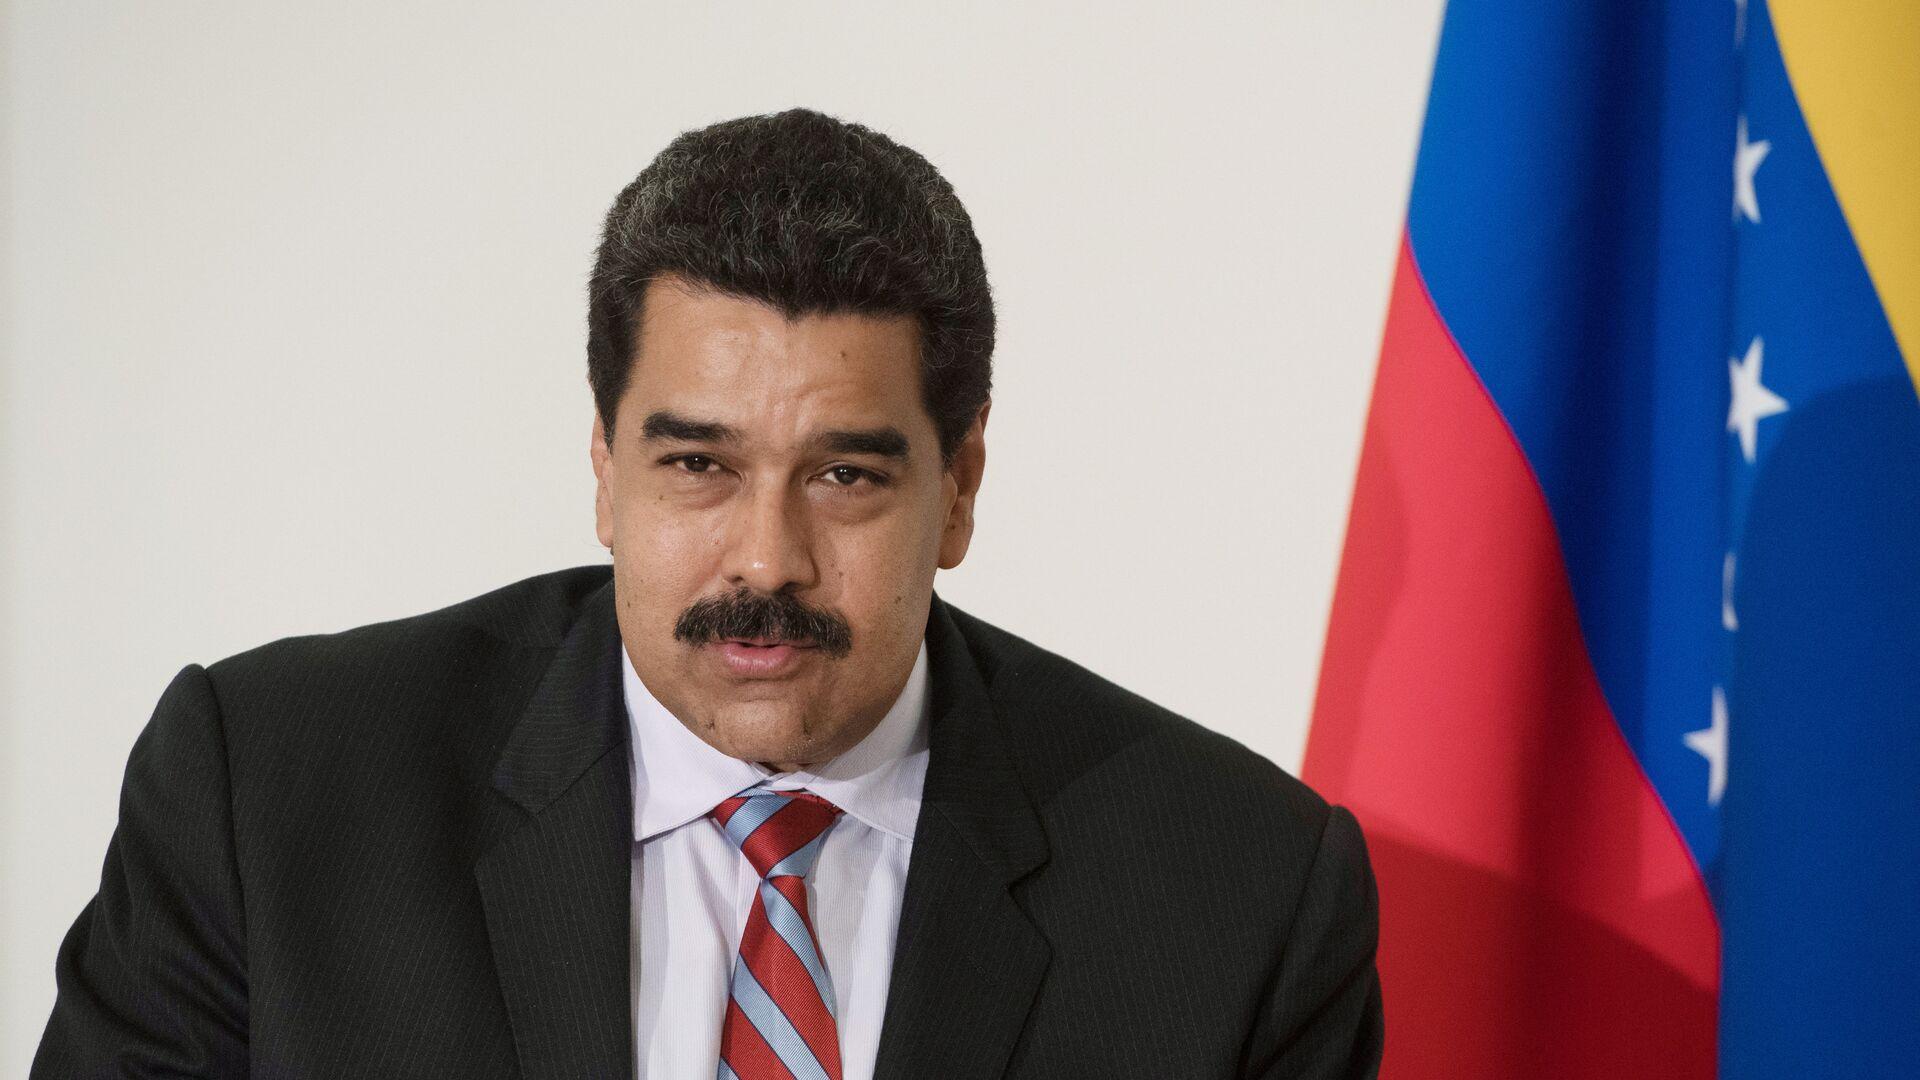 Ο πρόεδρος της Βενεζουέλας Νικολάς Μαδούρο  - Sputnik Ελλάδα, 1920, 15.10.2021